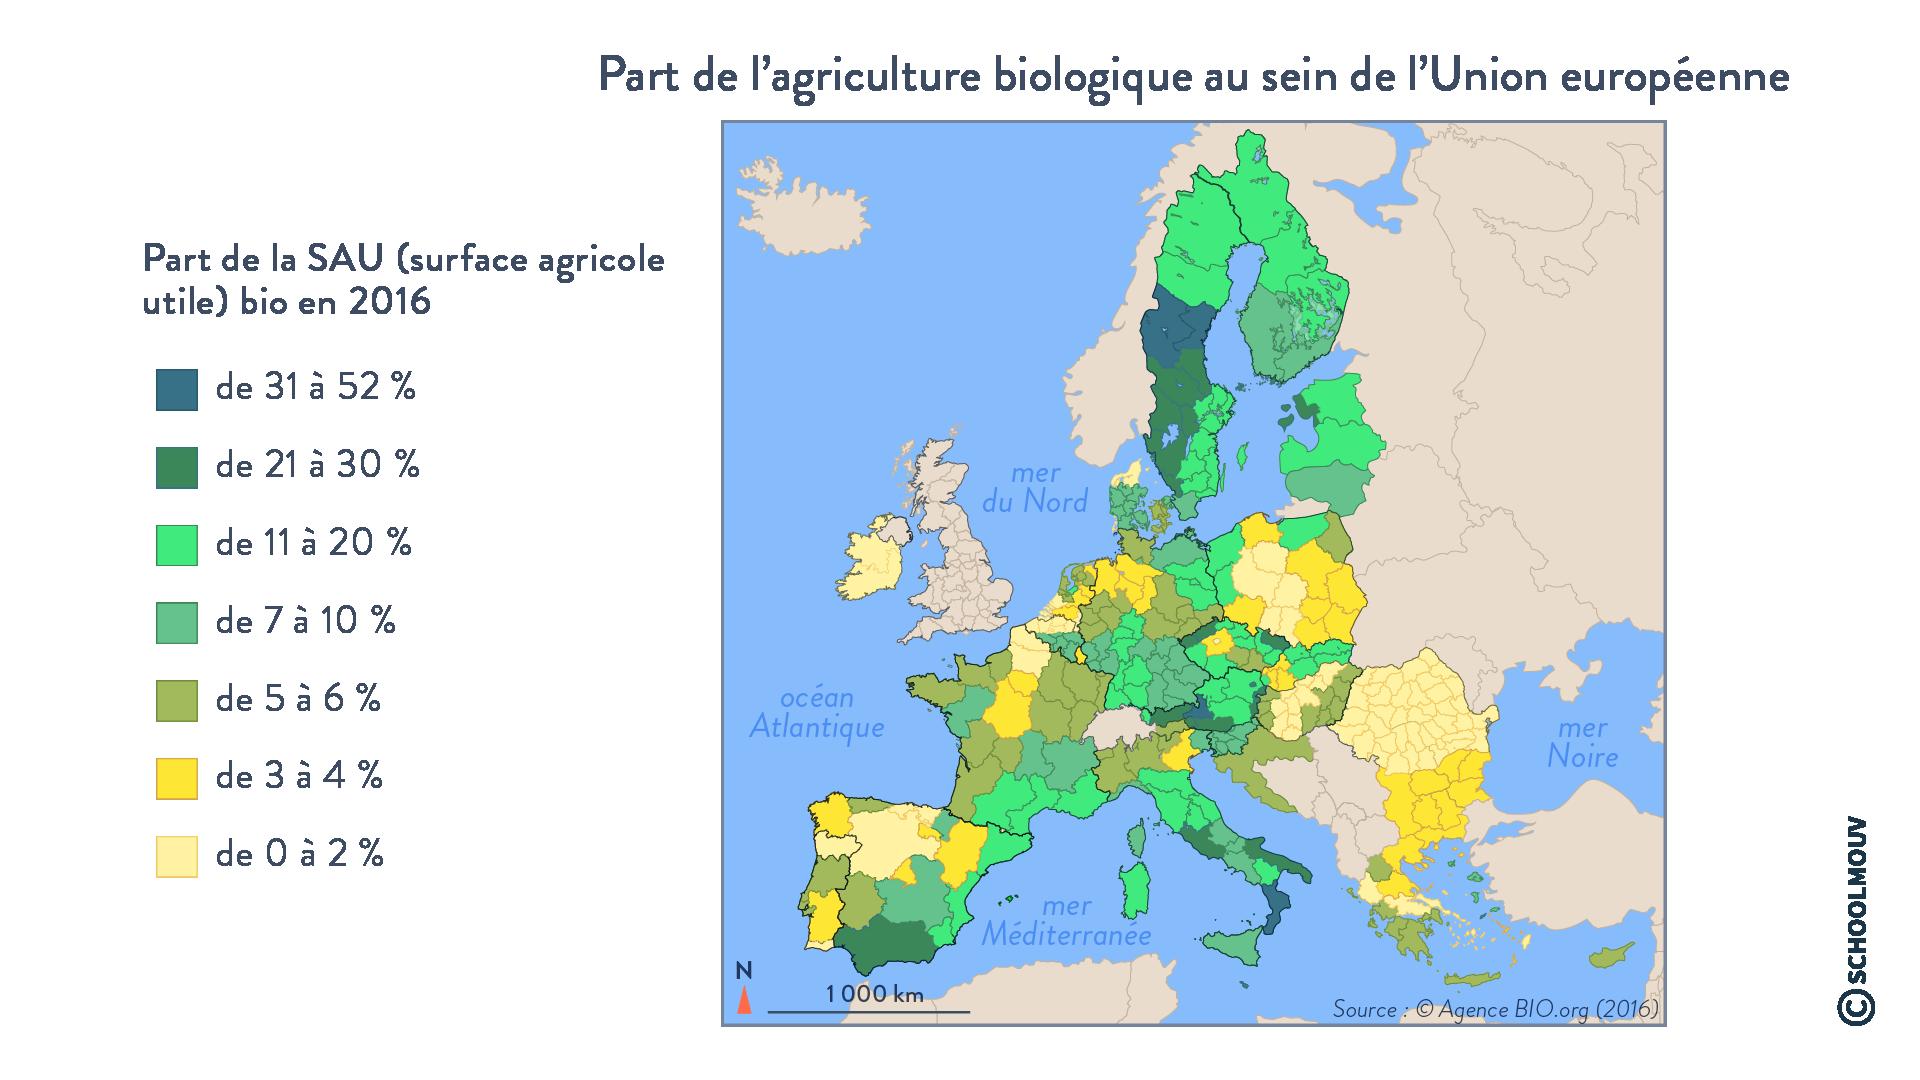 Part de l'agriculture biologique au sein de l'Union européenne - Géographie - Terminale - SchoolMouv